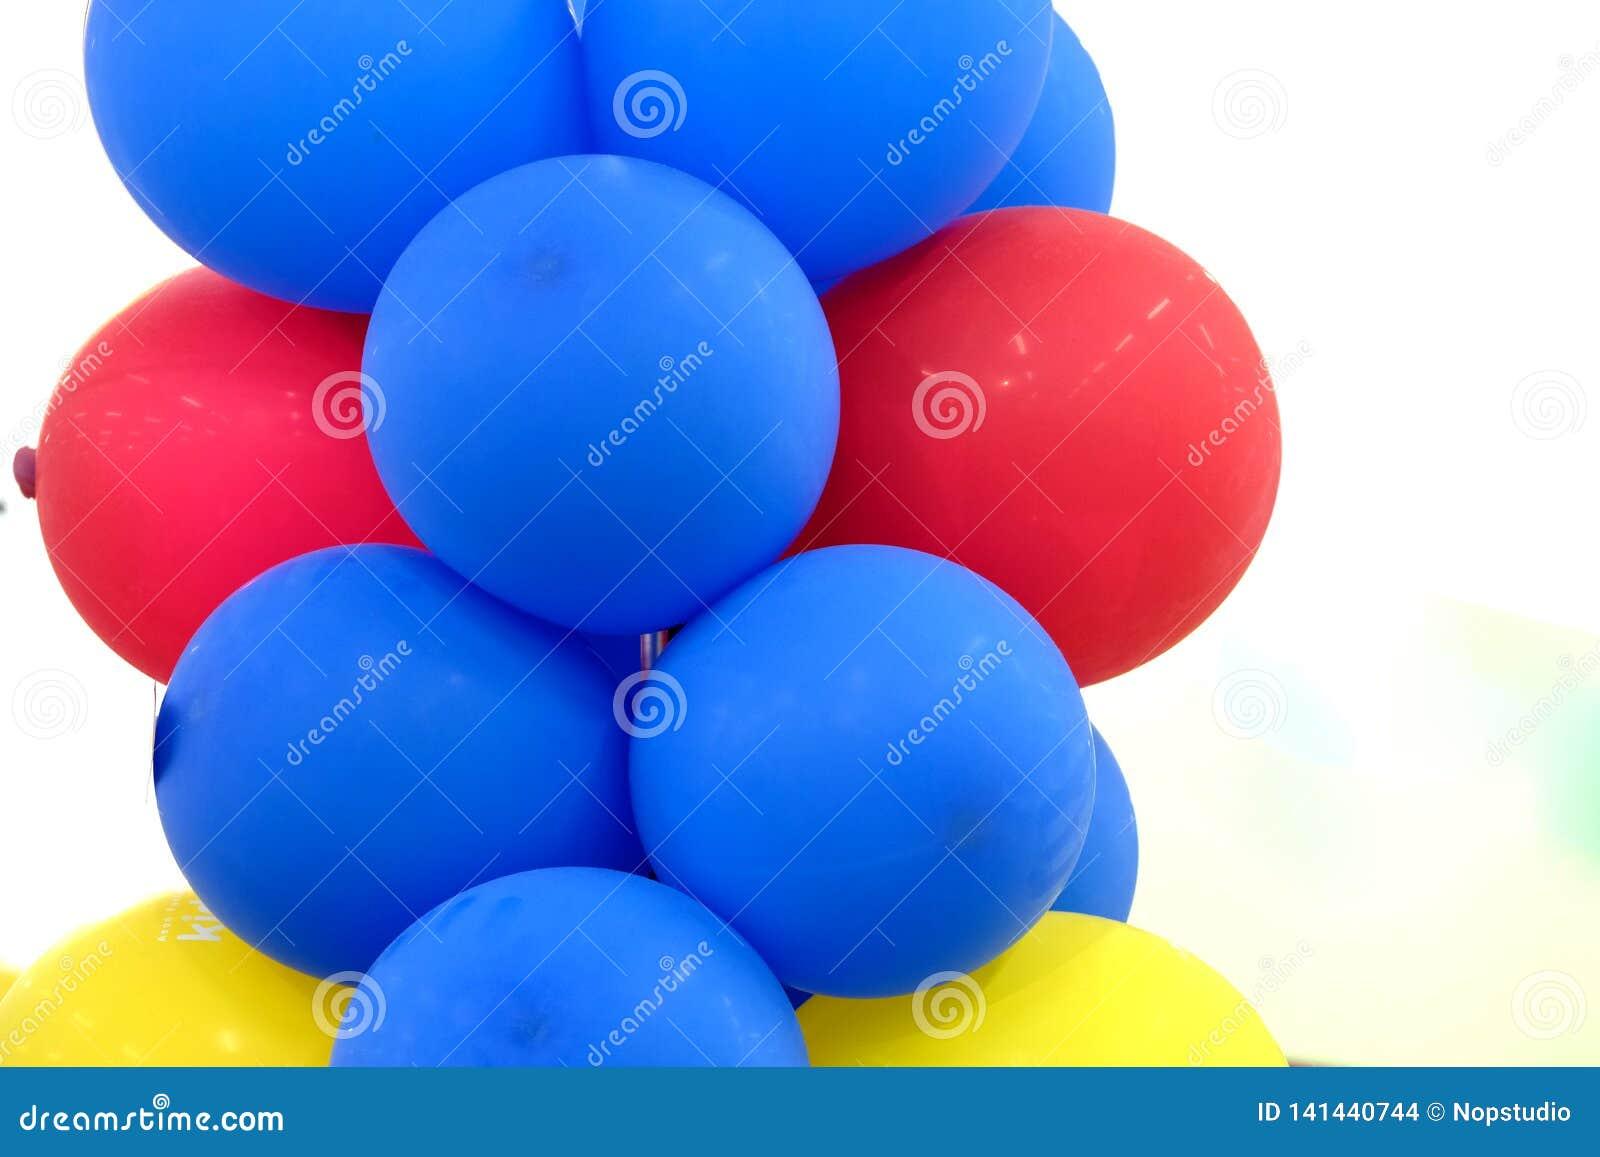 Globos rojos azules coloridos